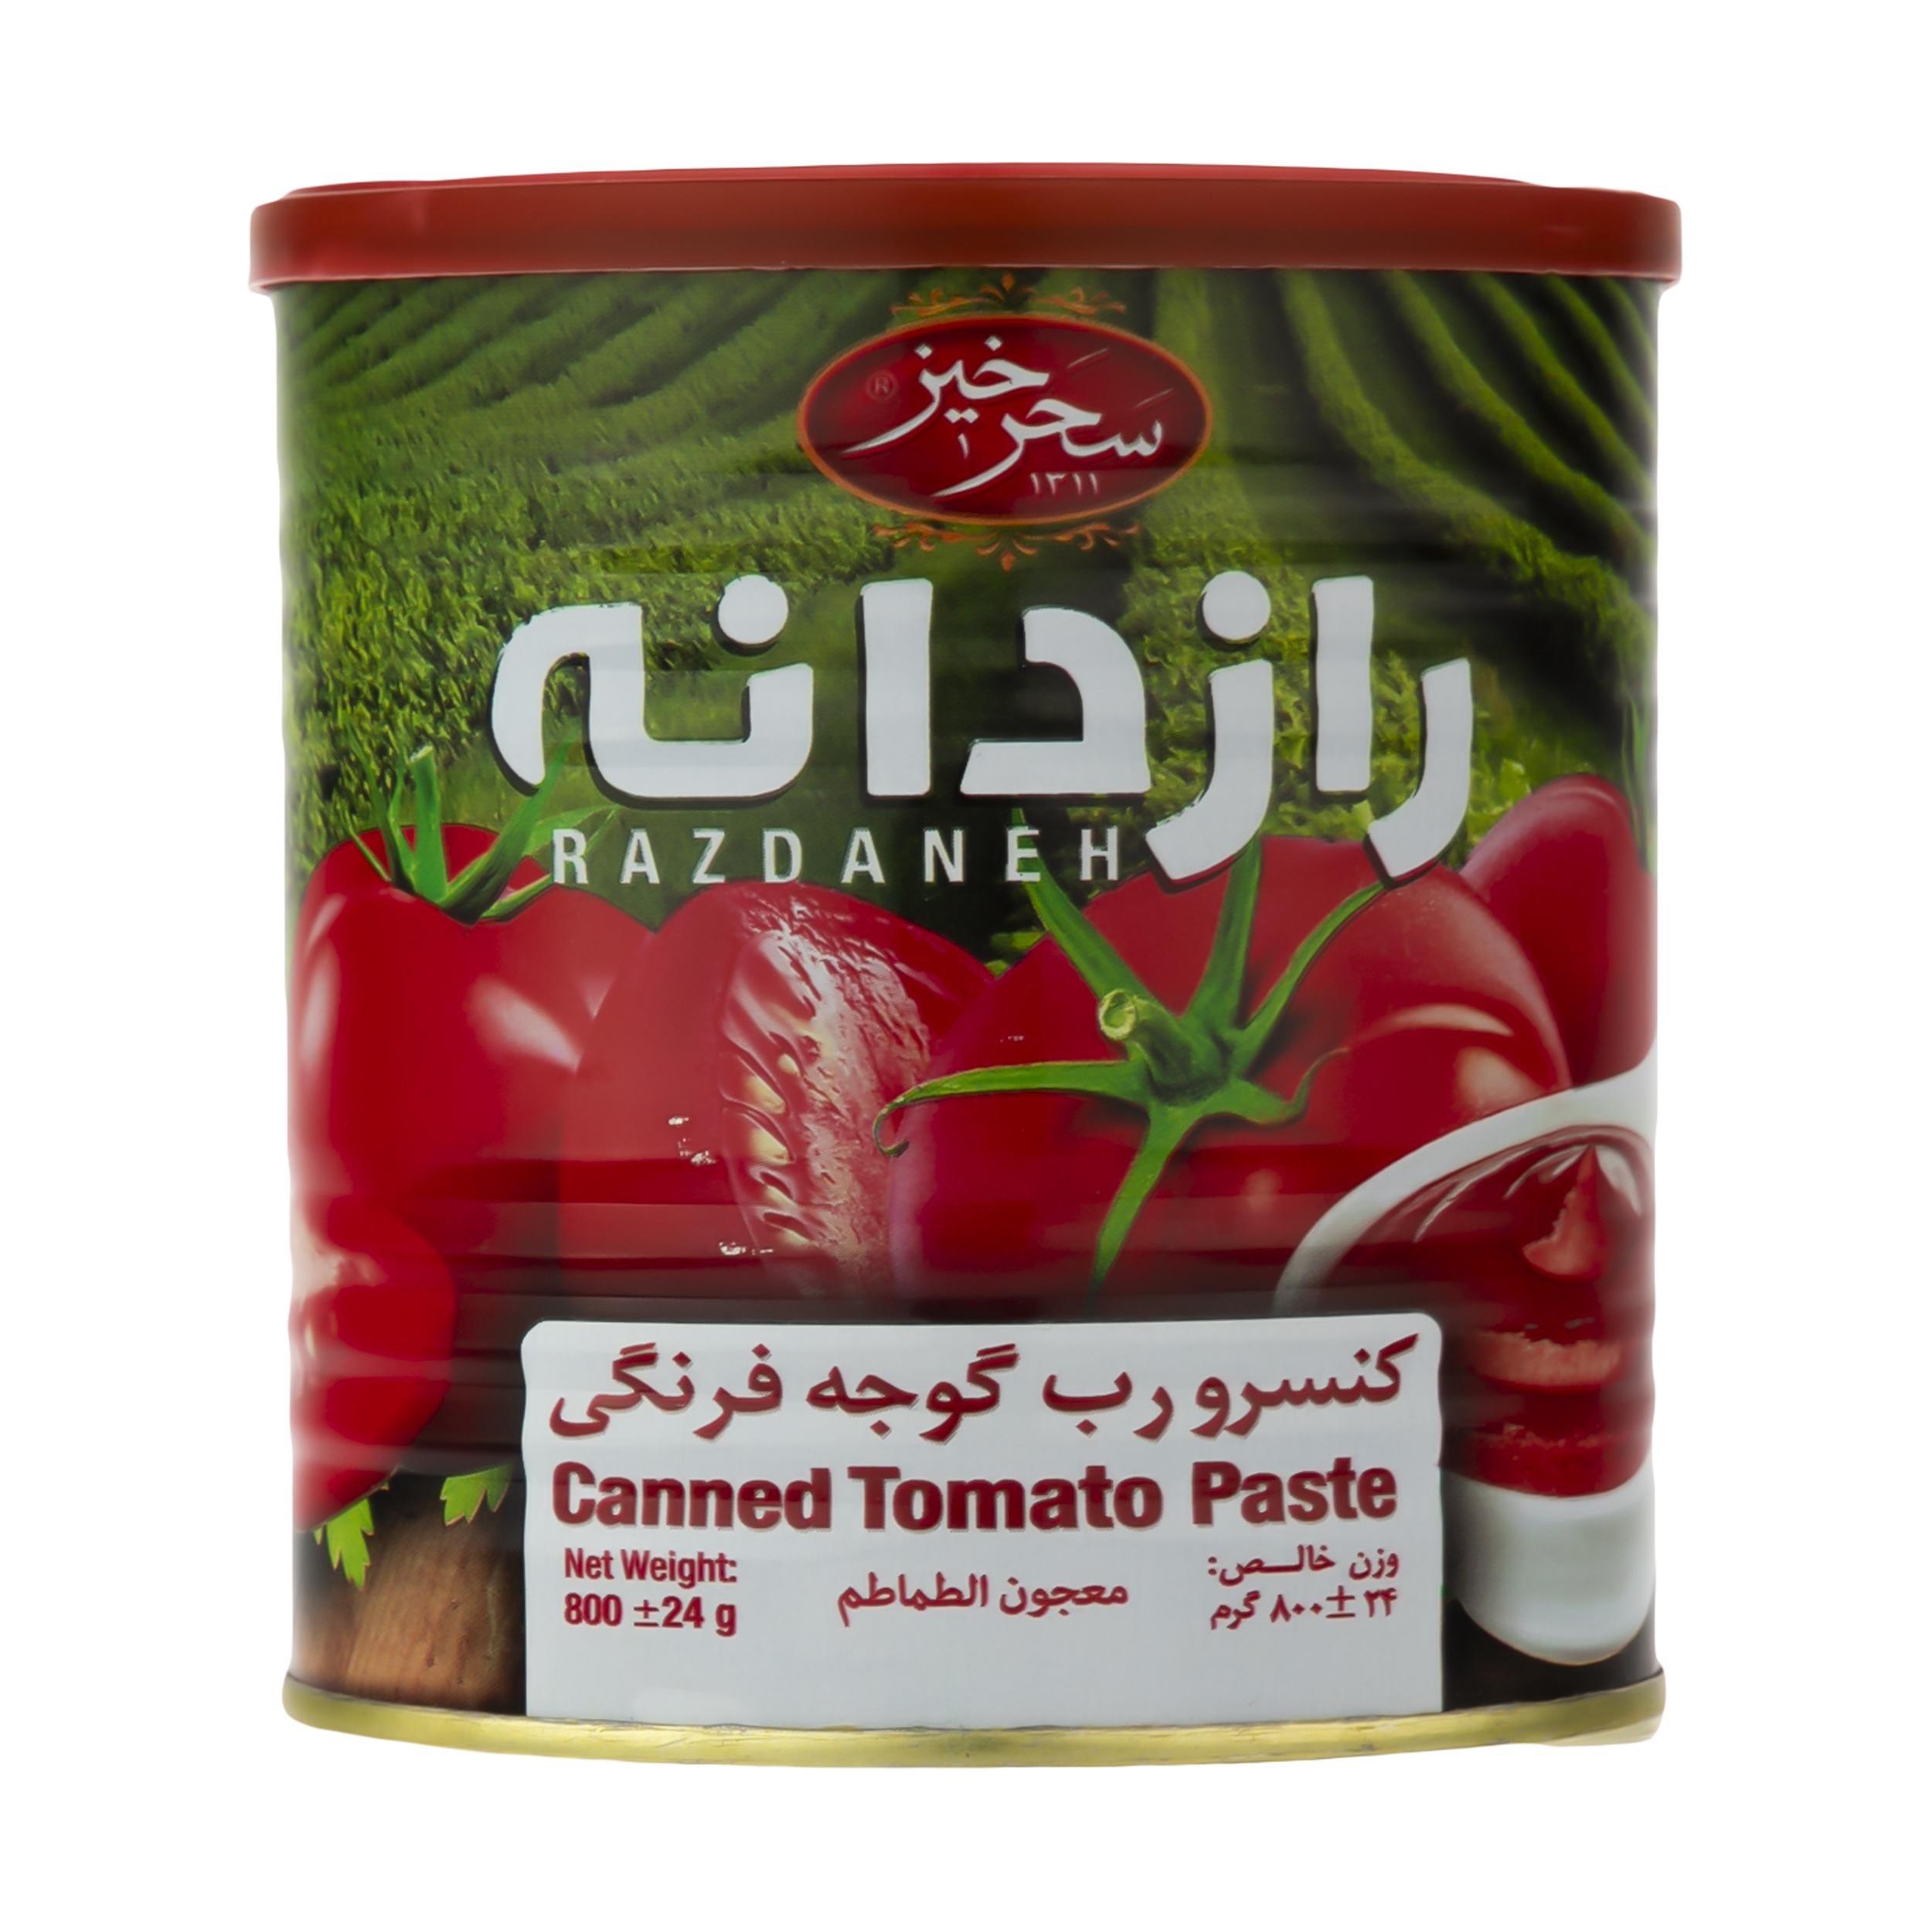 کنسرو رب گوجه فرنگی رازدانه سحر خیز - 800 گرم